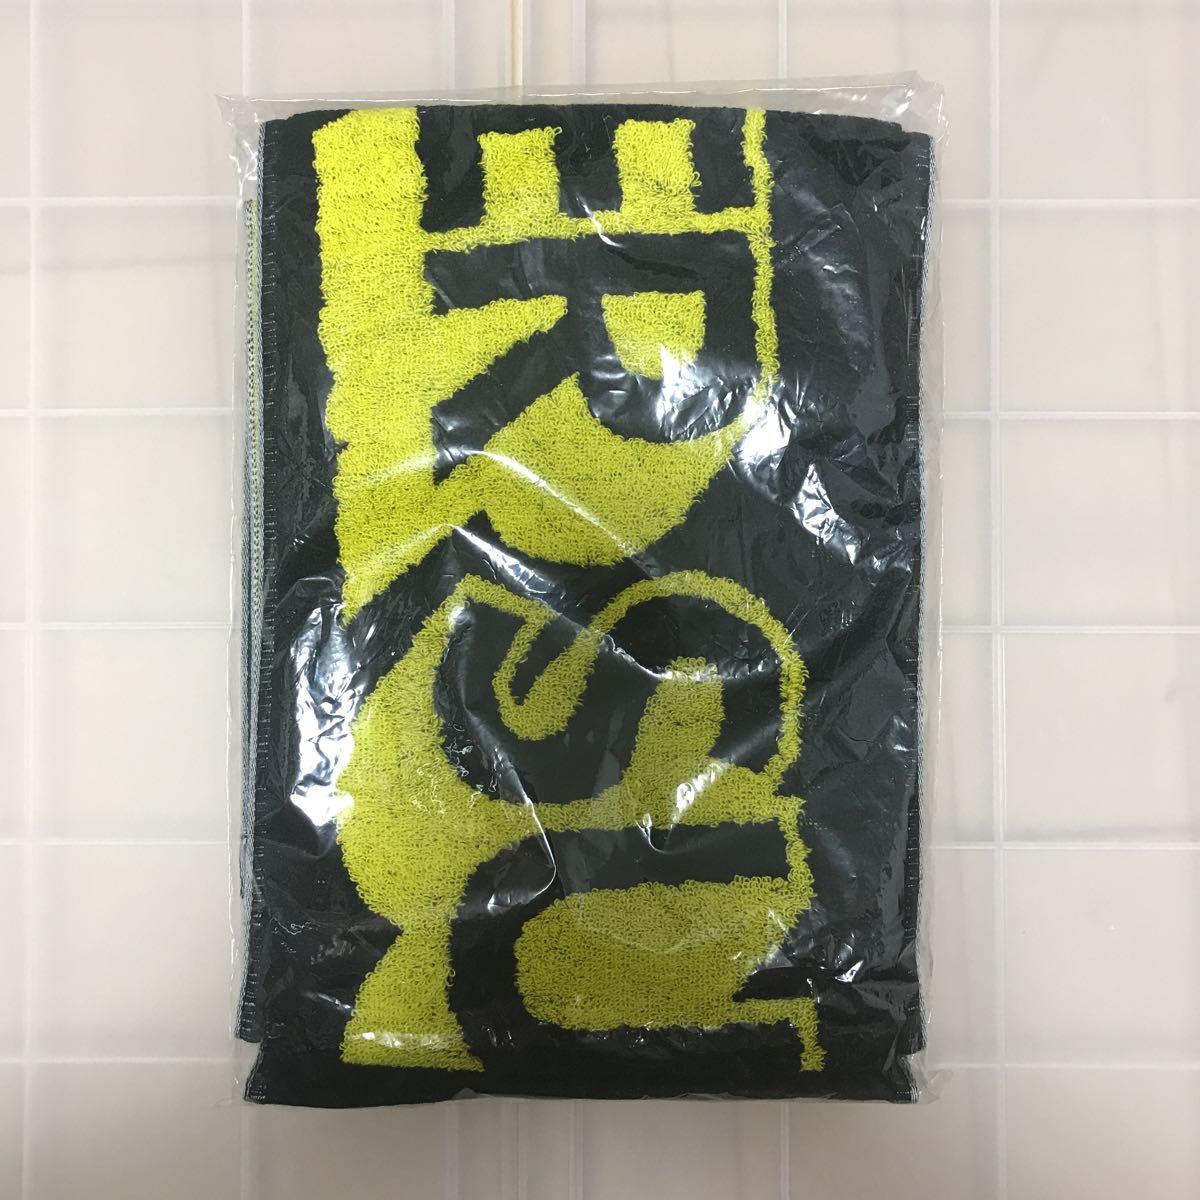 【未開封新品】YUKI 夏フェス グッズ マフラータオル 2011 ユキ ライブ SUPER SUMMER!!_画像1